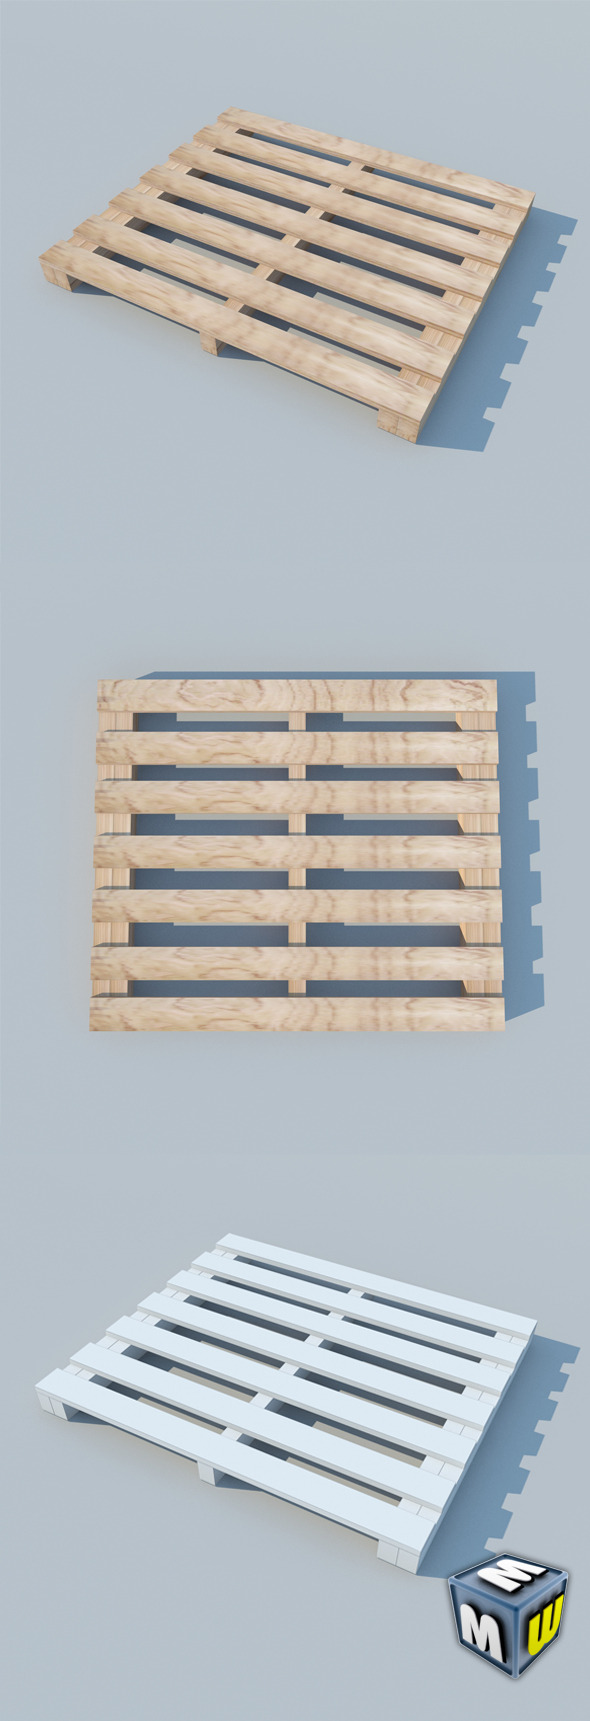 3DOcean Wood Pallet 2 MAX 2011 5650759